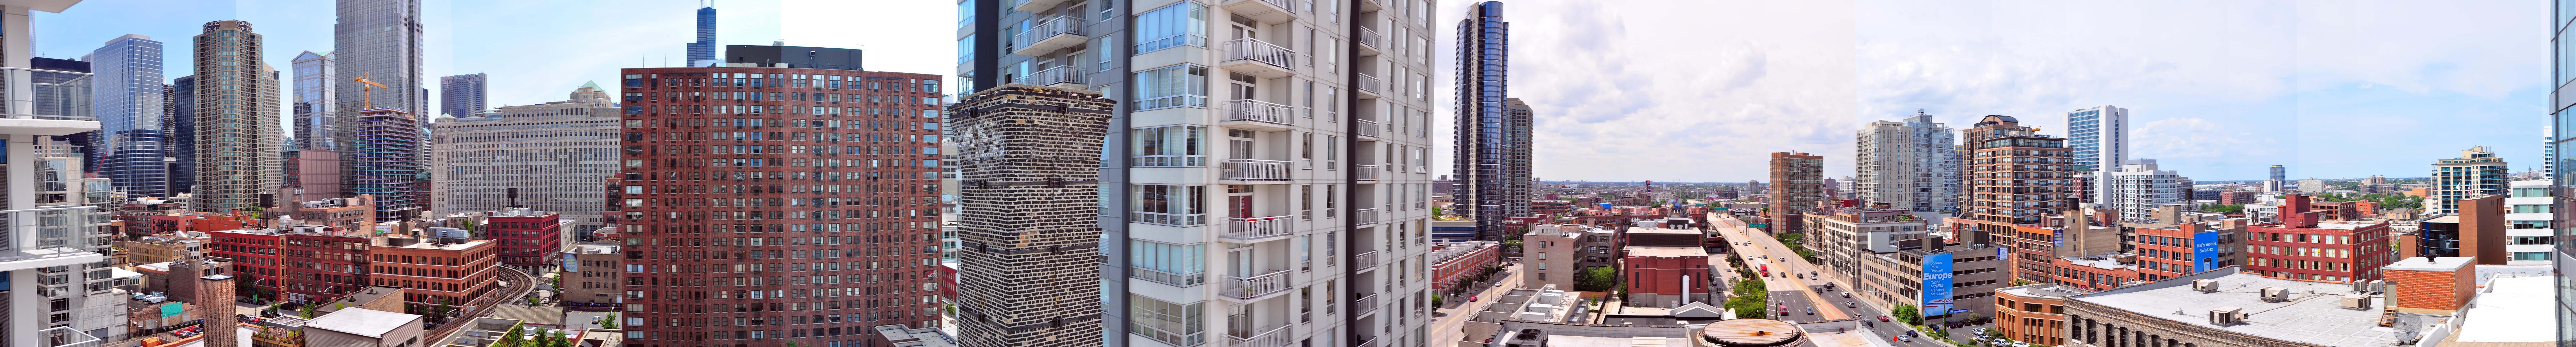 Panorama-rama!: City views from Silver Tower